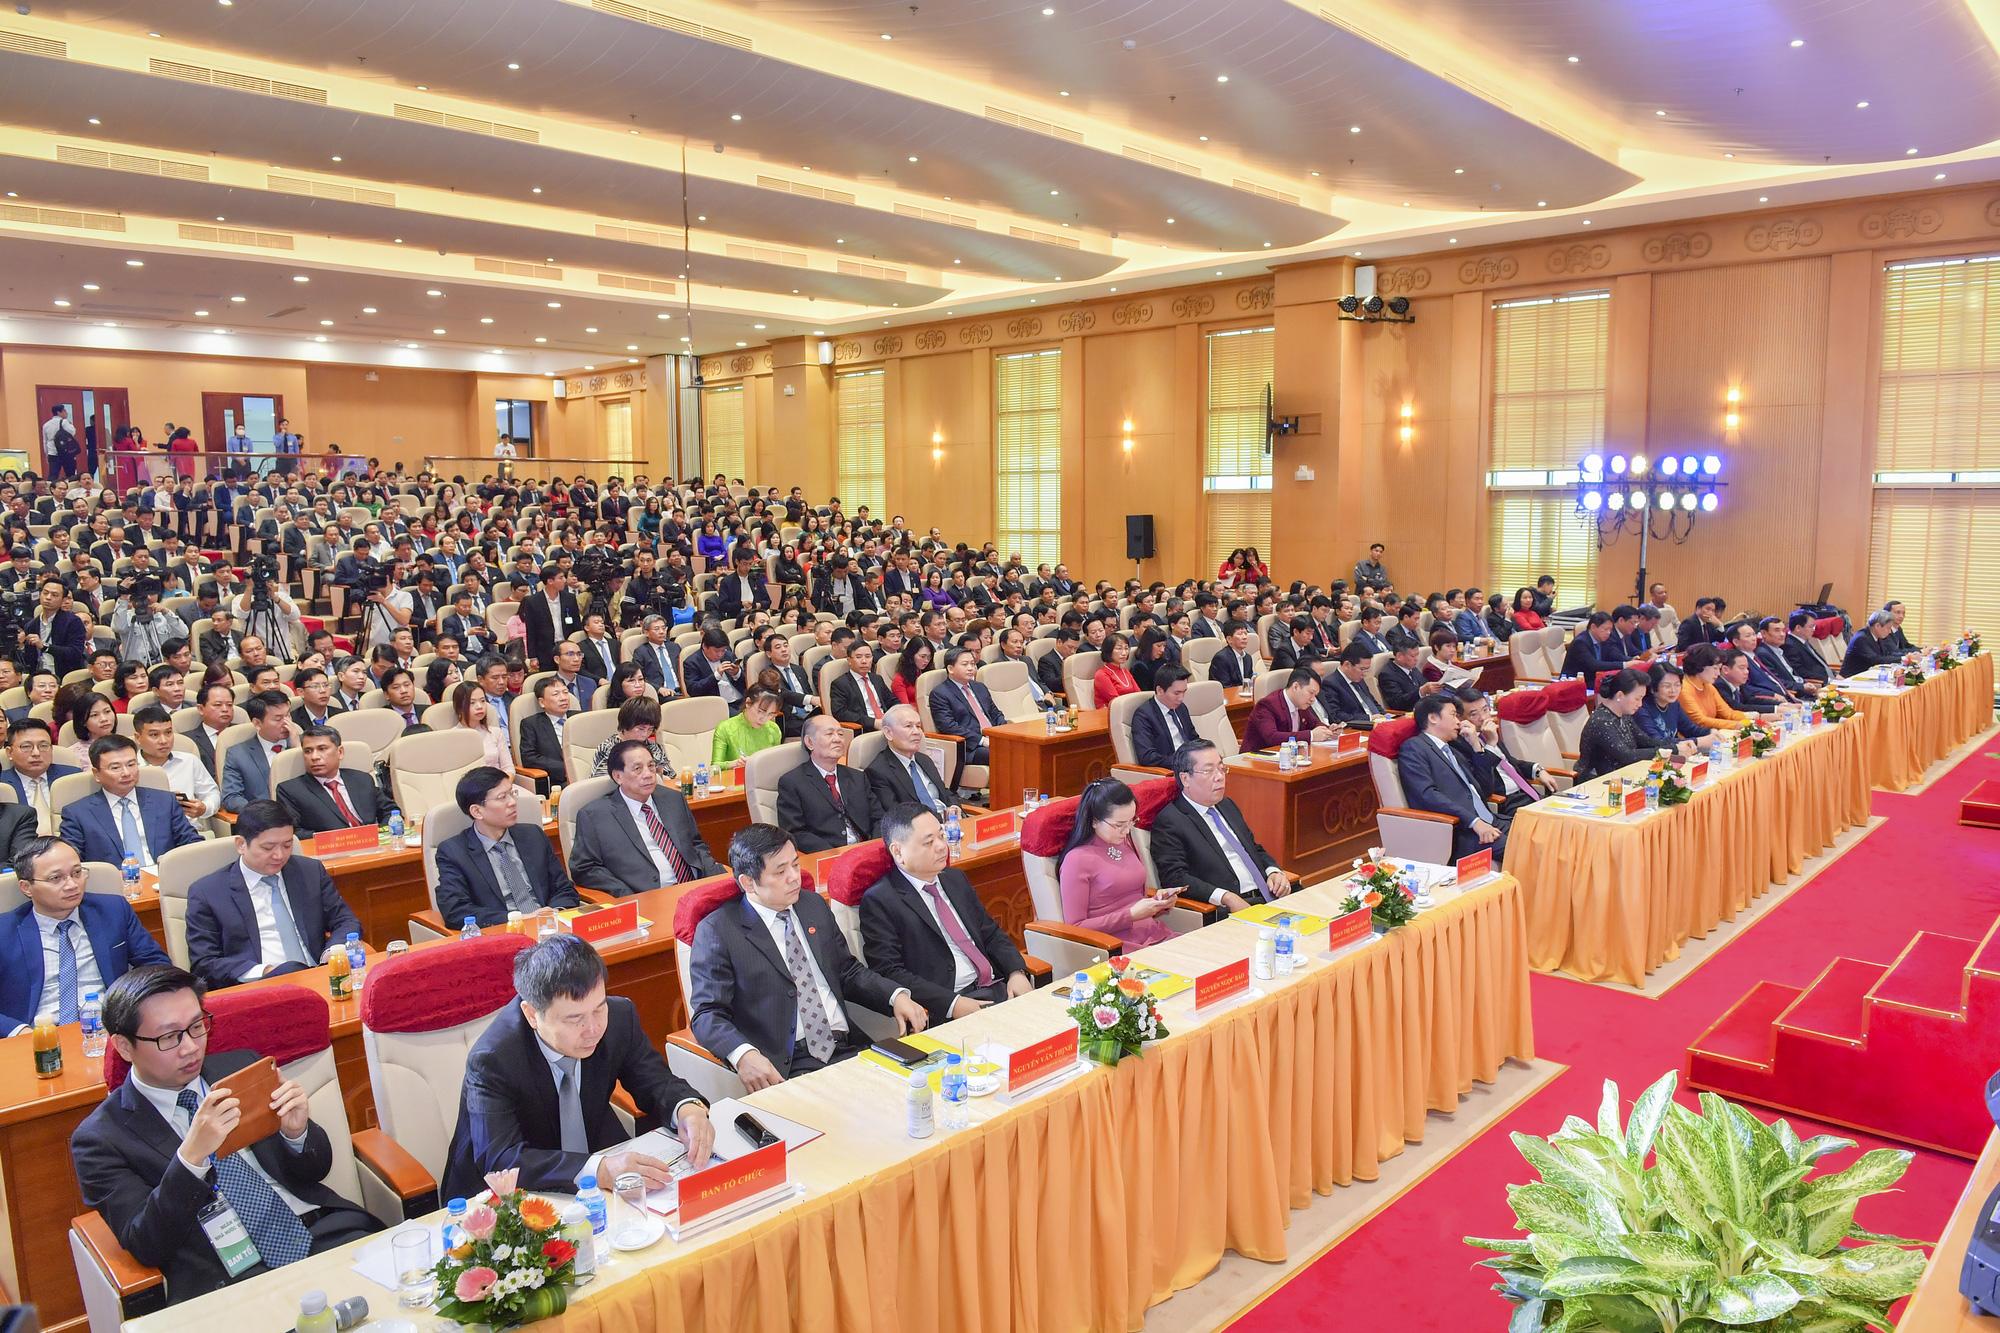 Chủ tịch Quốc hội dự Đại hội thi đua yêu nước ngành Ngân hàng - Ảnh 5.